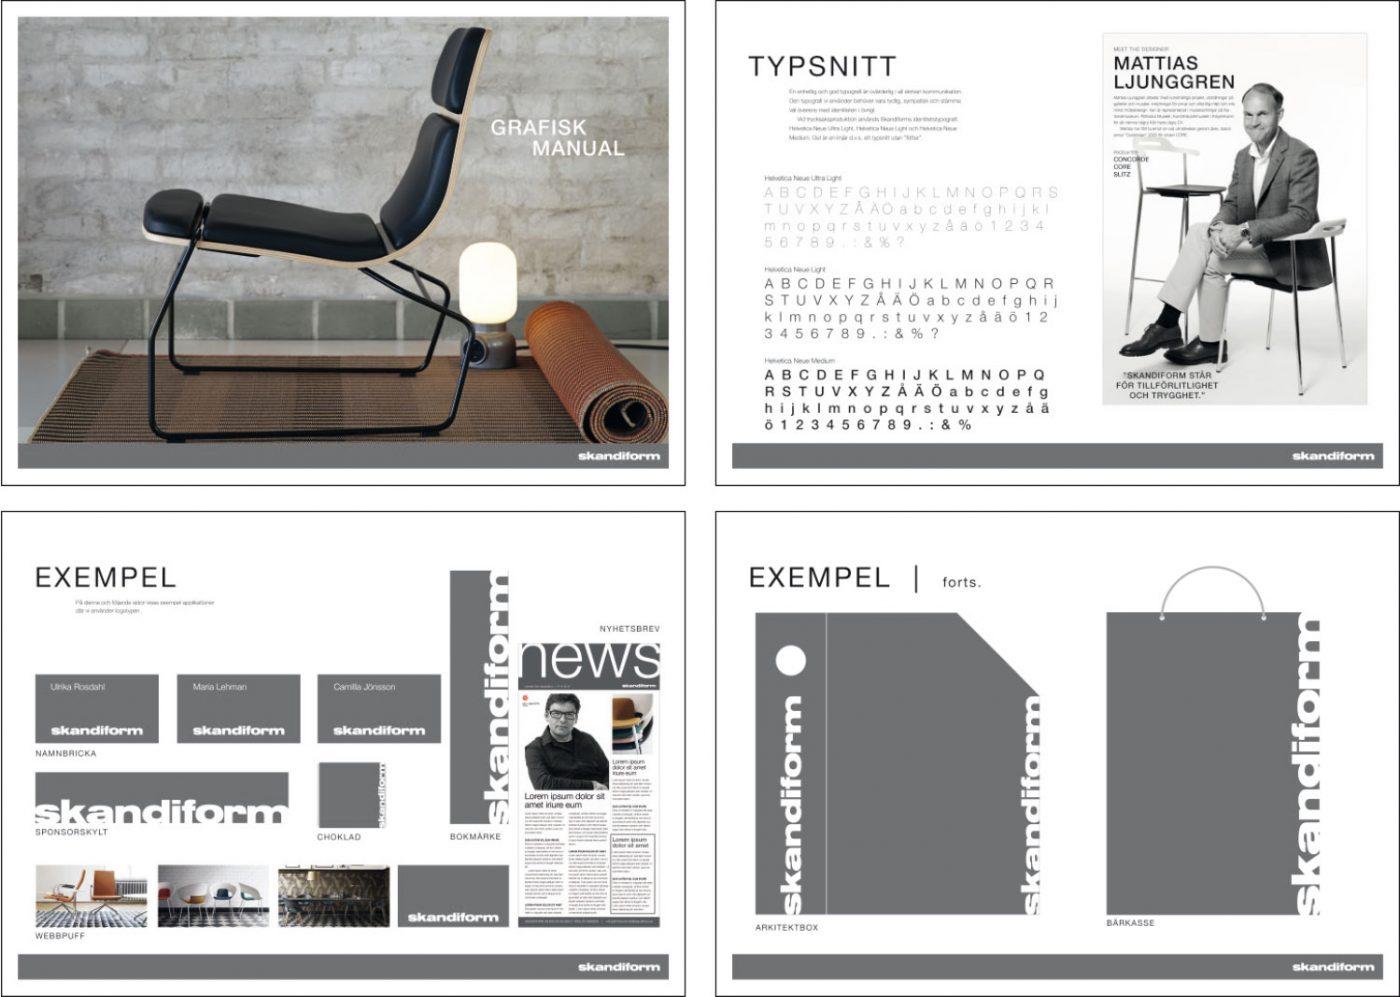 skandiform grafisk manual